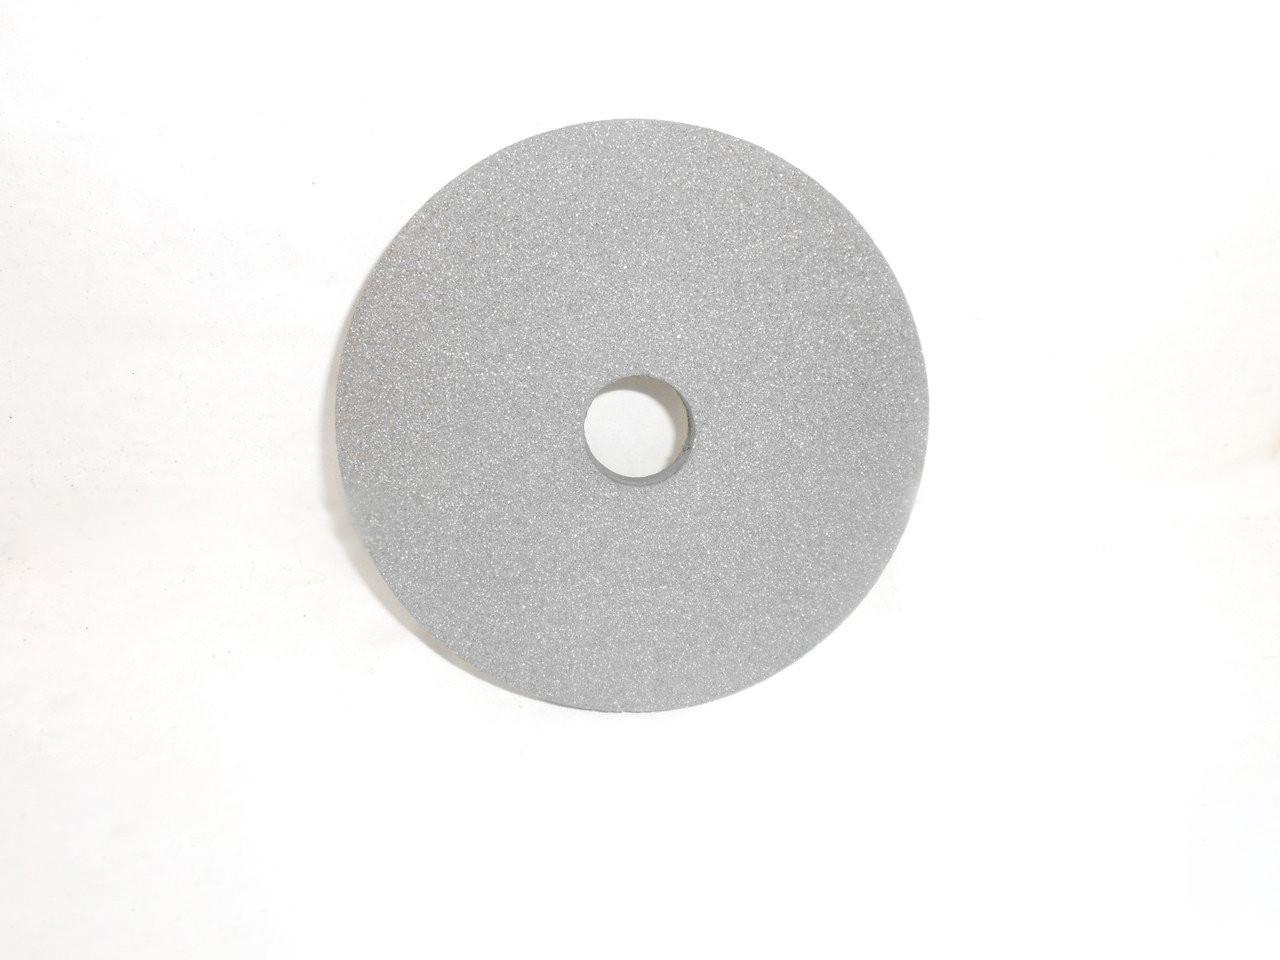 Круг шлифовальный 14А ПП 150х32х32  40 СМ-СТ